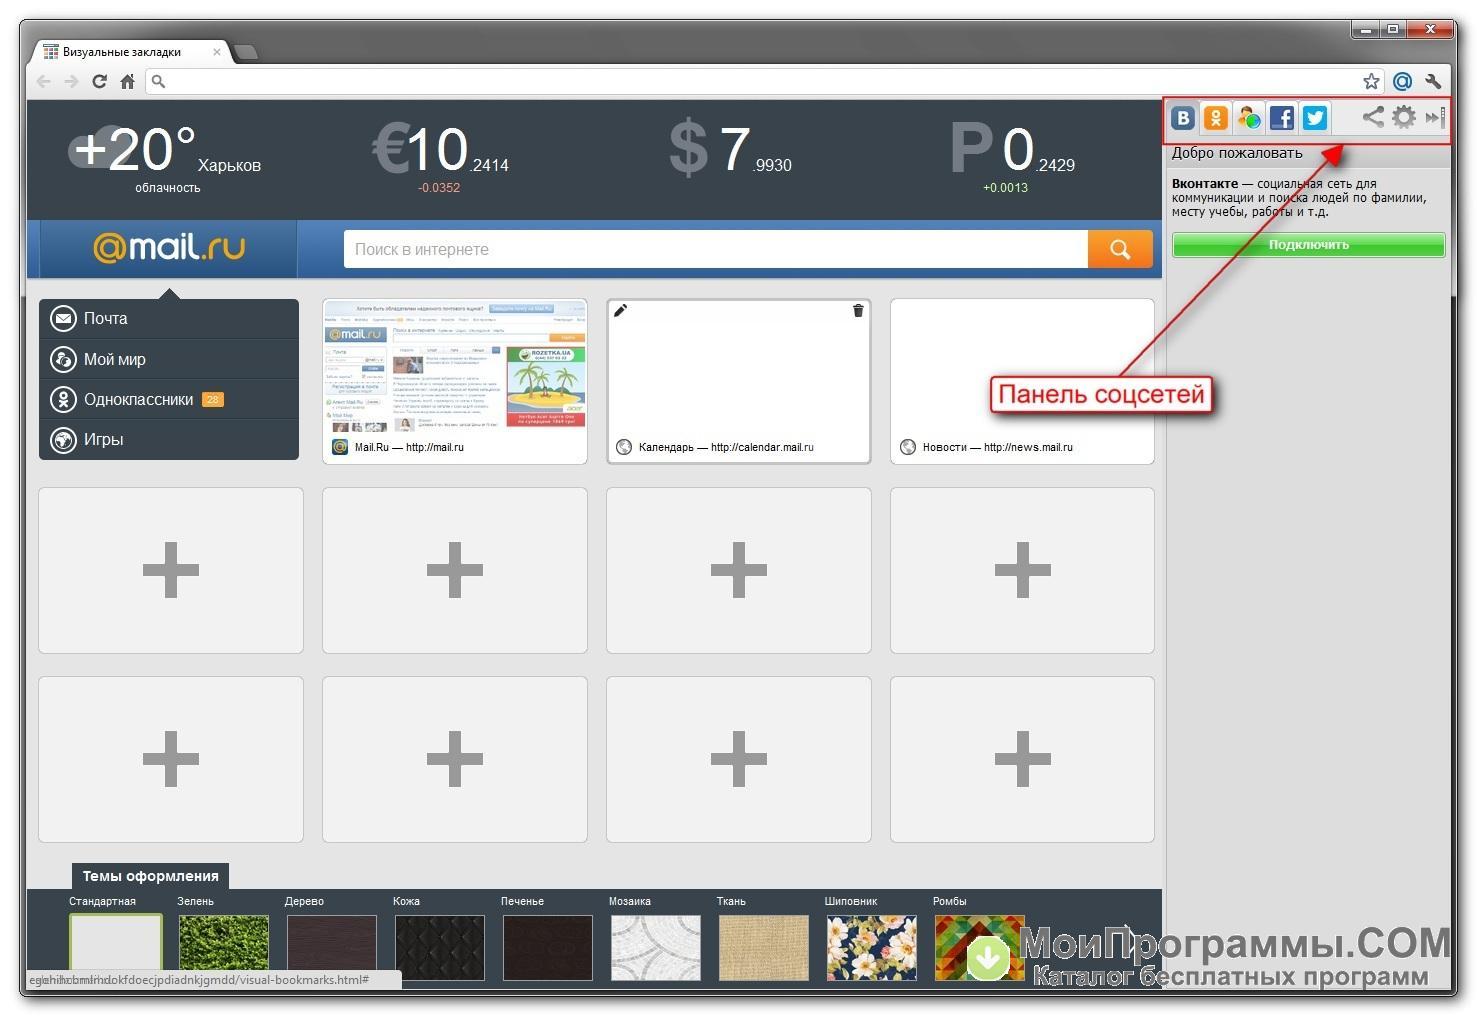 Как сделать скриншот экрана на компьютере? Как сделать скриншот